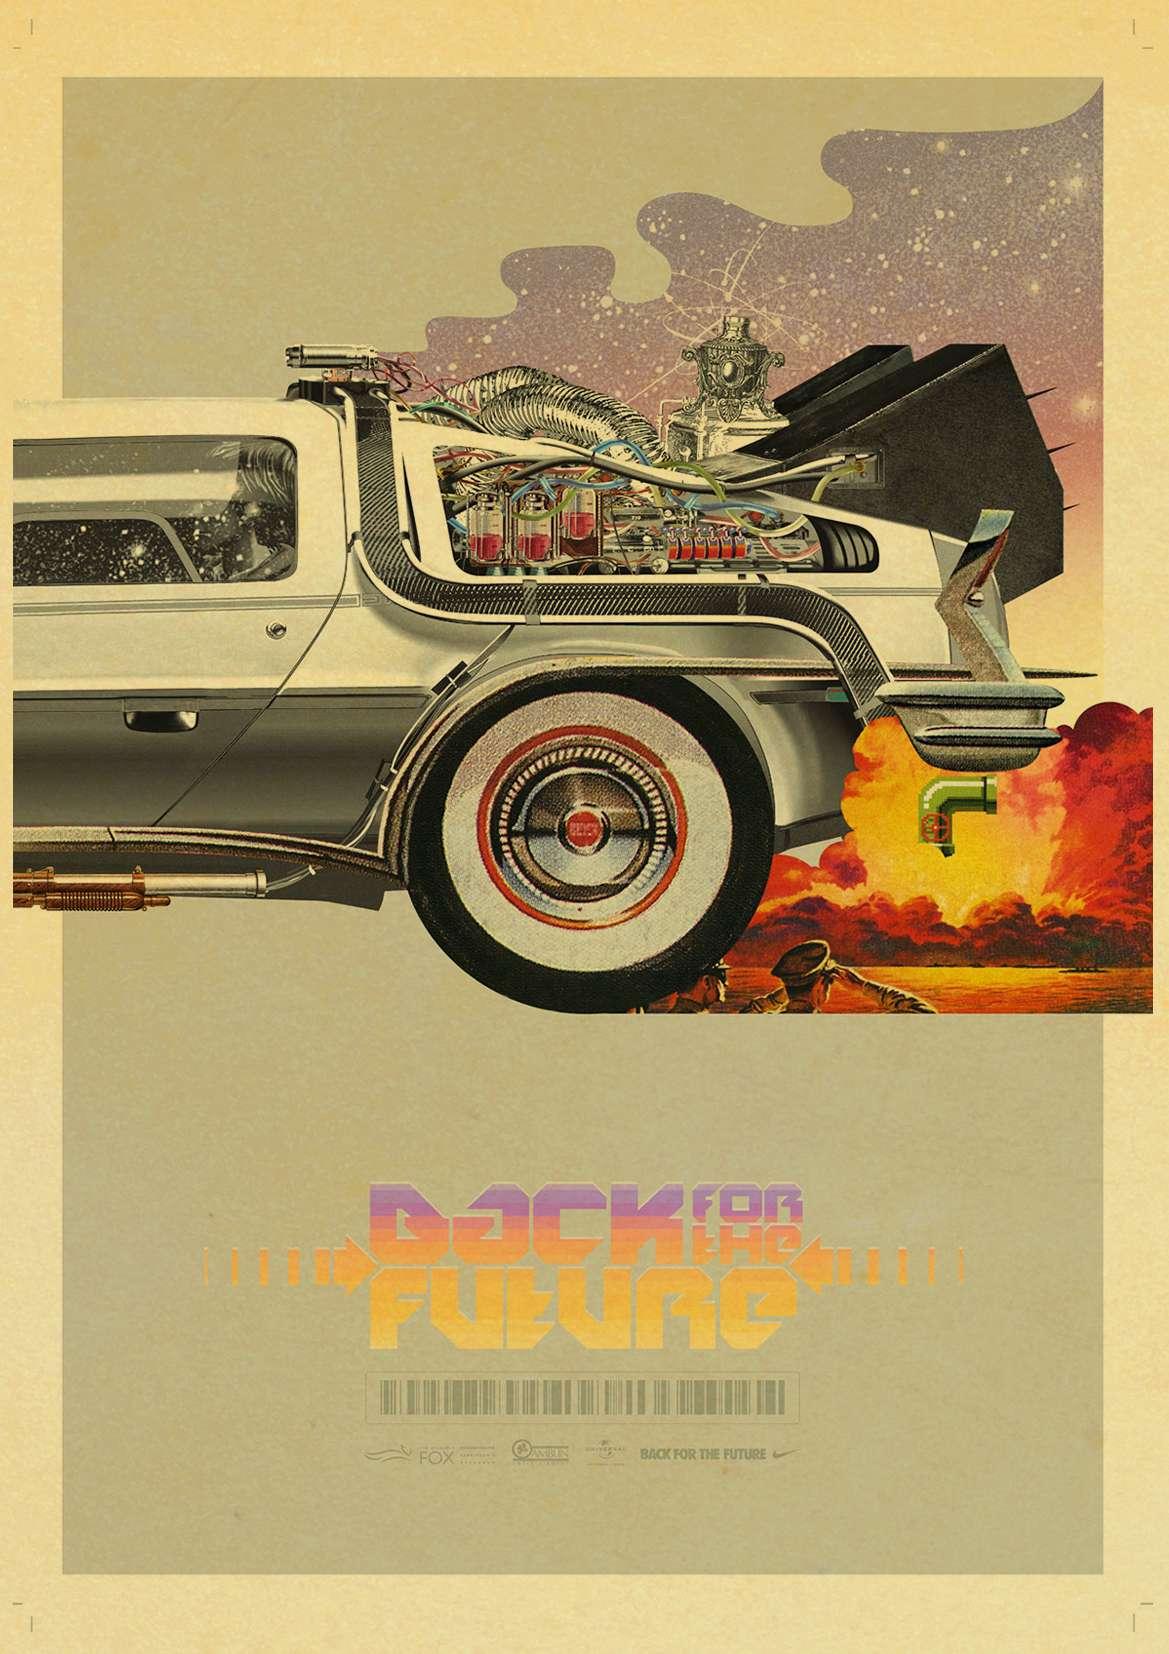 Sci-fi Back to The Future Film Propaganda Retro Kraft Poster Decorative DIY Wall Canvas Sticker Home Bar Art Posters Decor